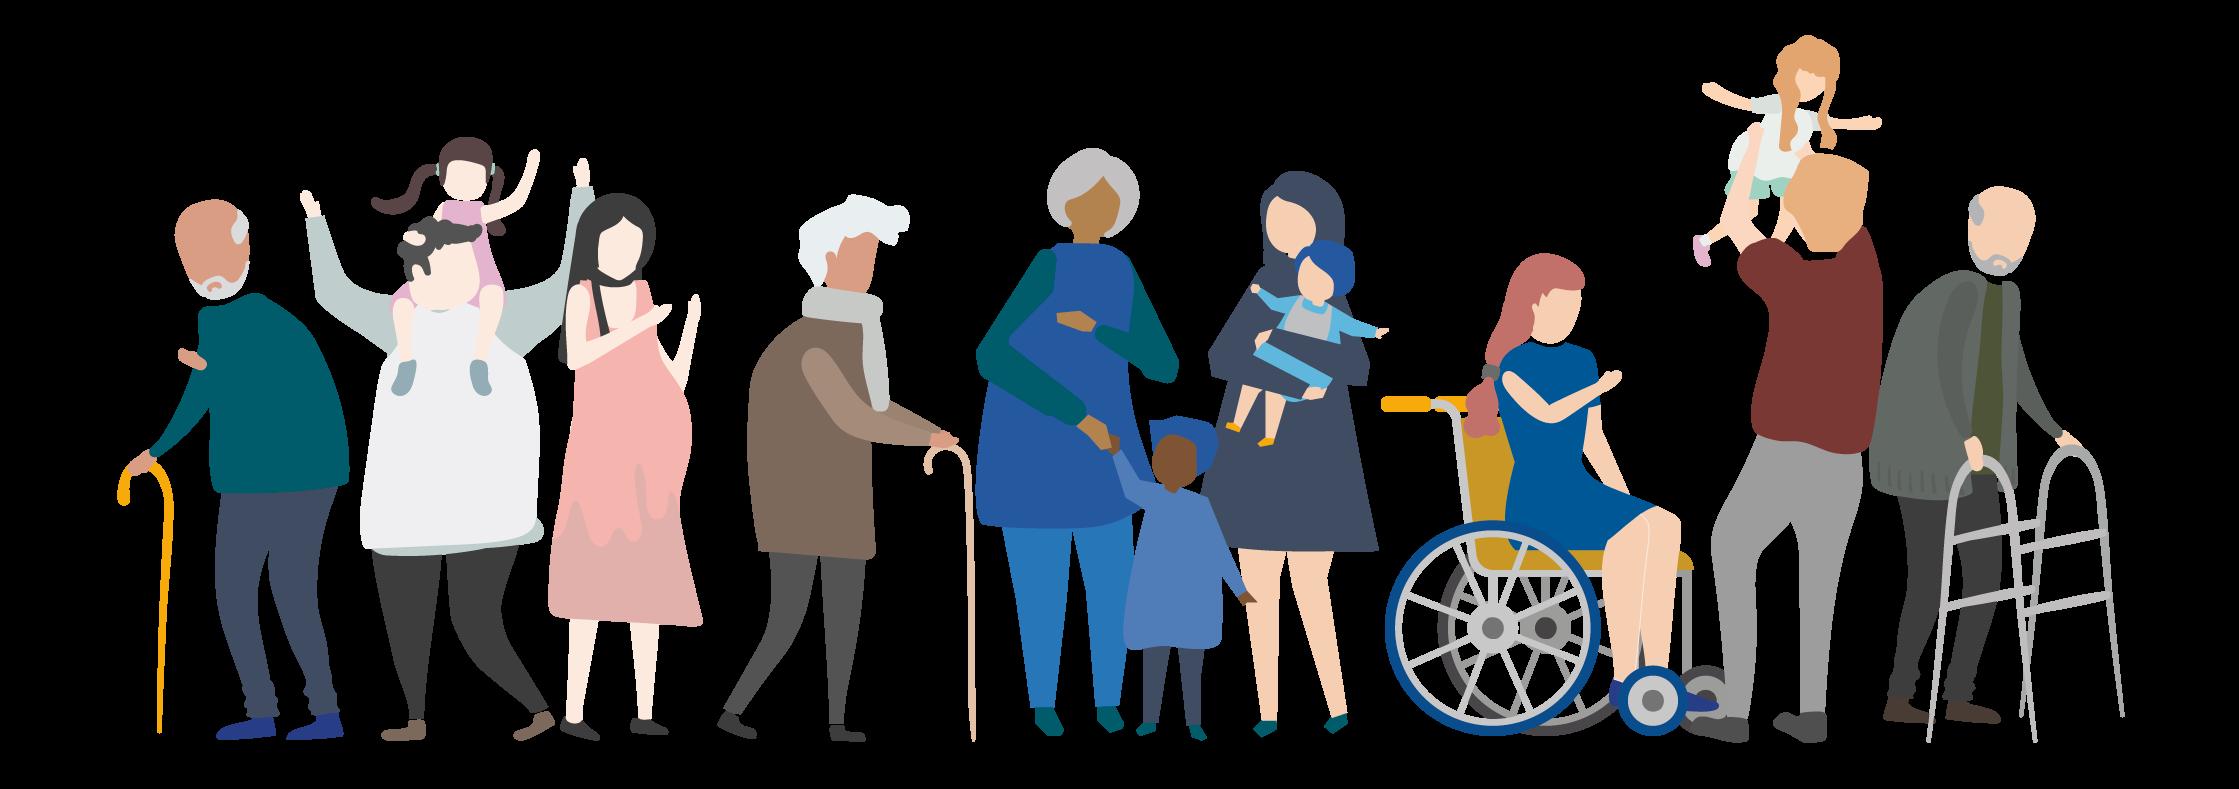 Association Orialys - SAAD Lunel - Accompagnement personnes âgées, famille, personnes en situation de handicap